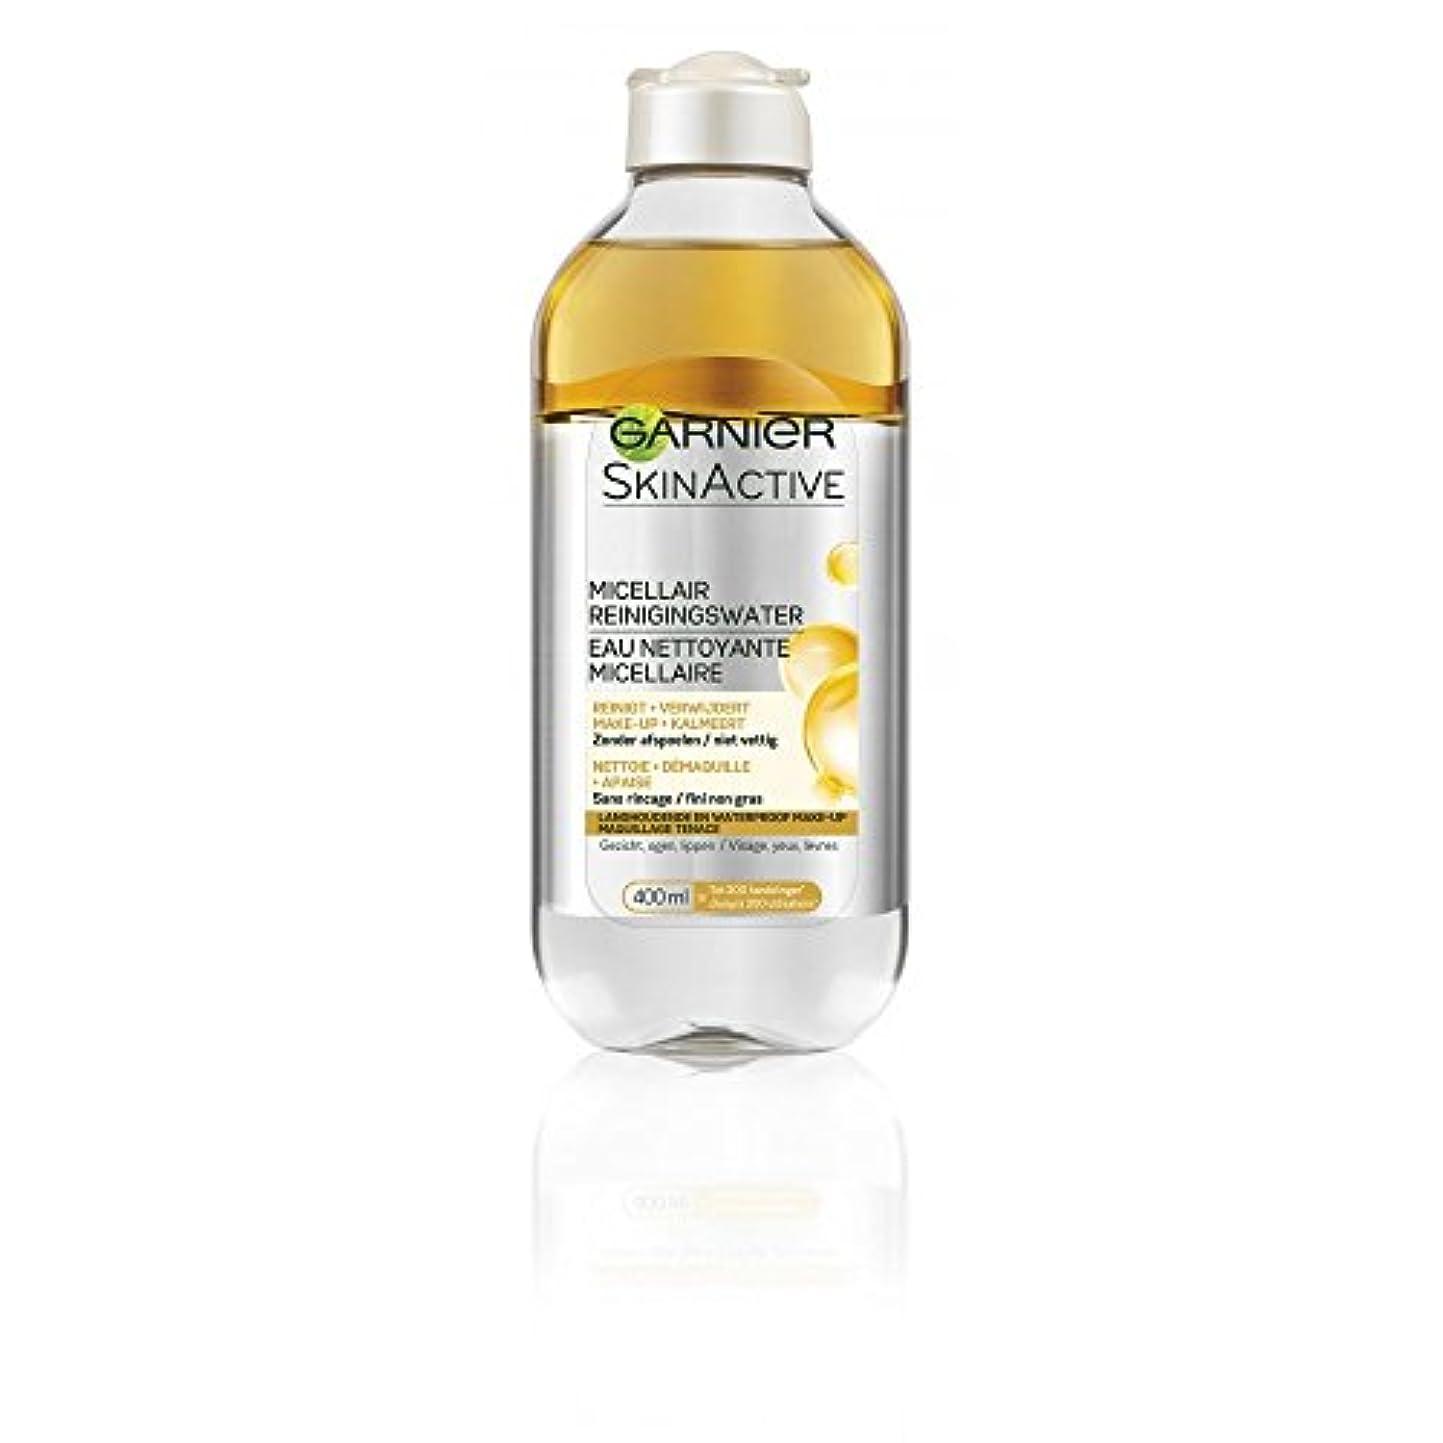 任命する財政見込みガルニエ SkinActive Micellar Water - Removes Waterproof Make-Up 400ml/13.3oz並行輸入品